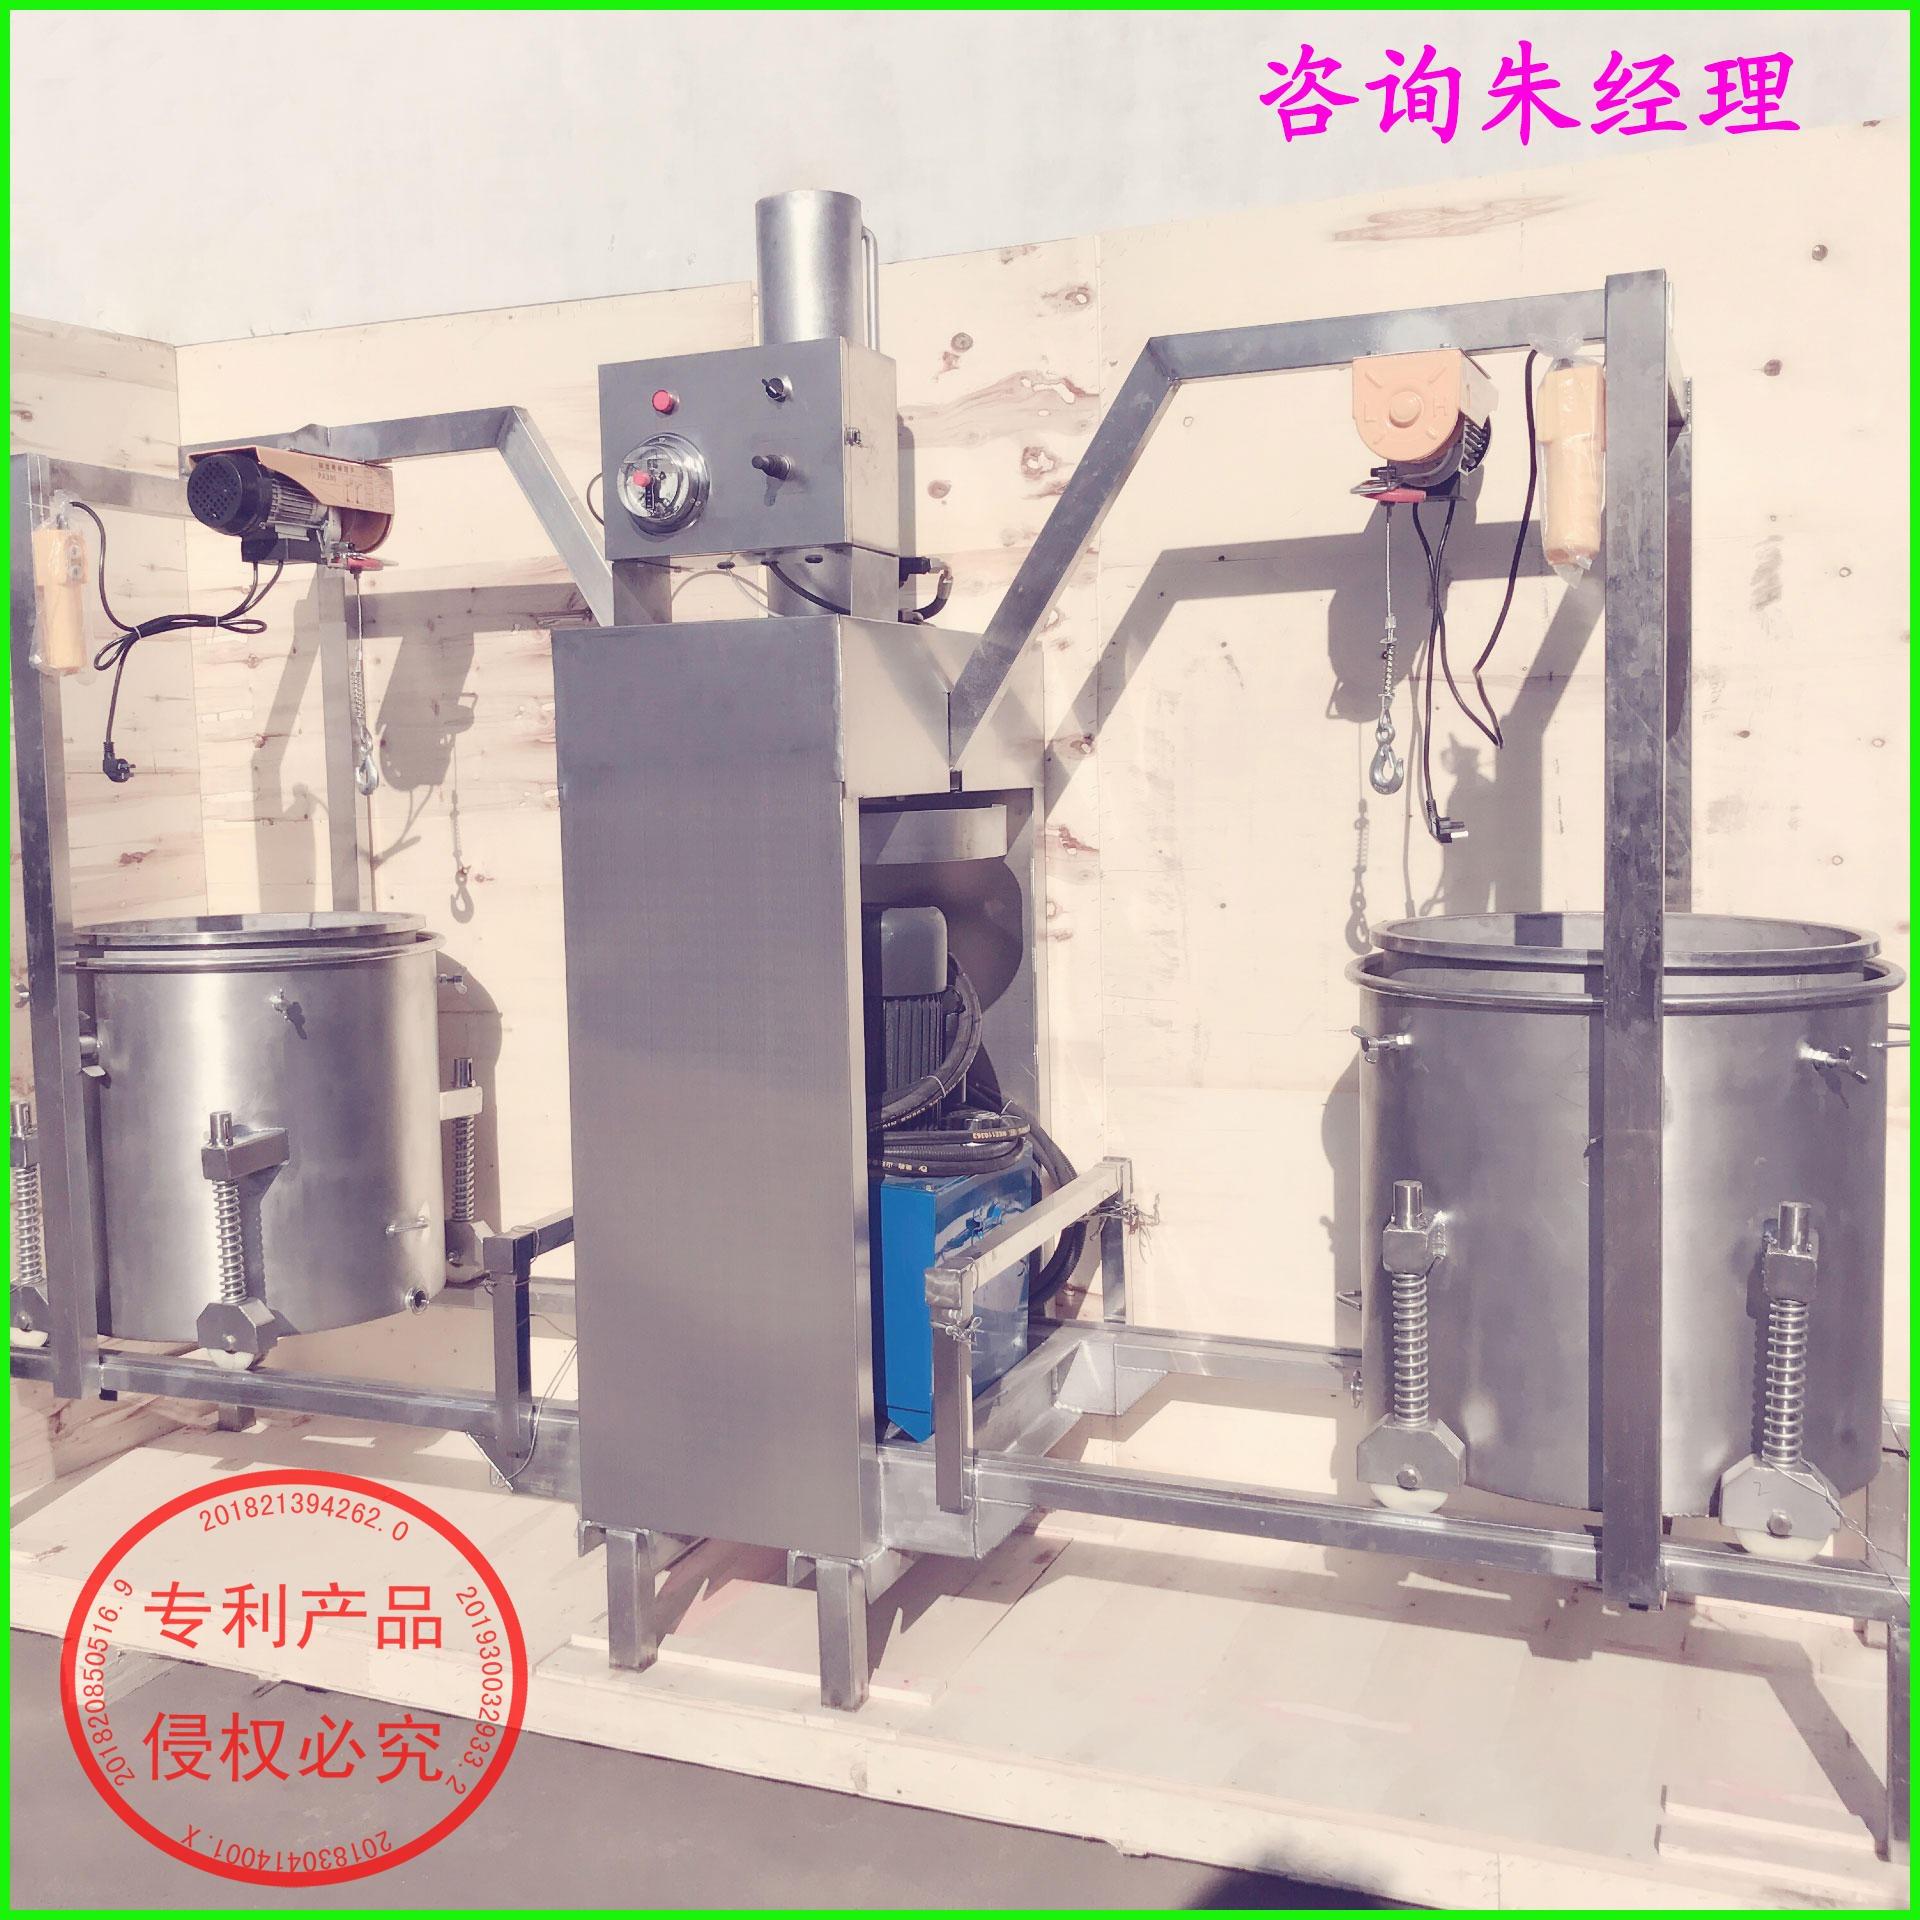 双桶双缸交替压榨大型液压压榨机 304不锈钢耐酸碱压榨脱水设备 压酒糟